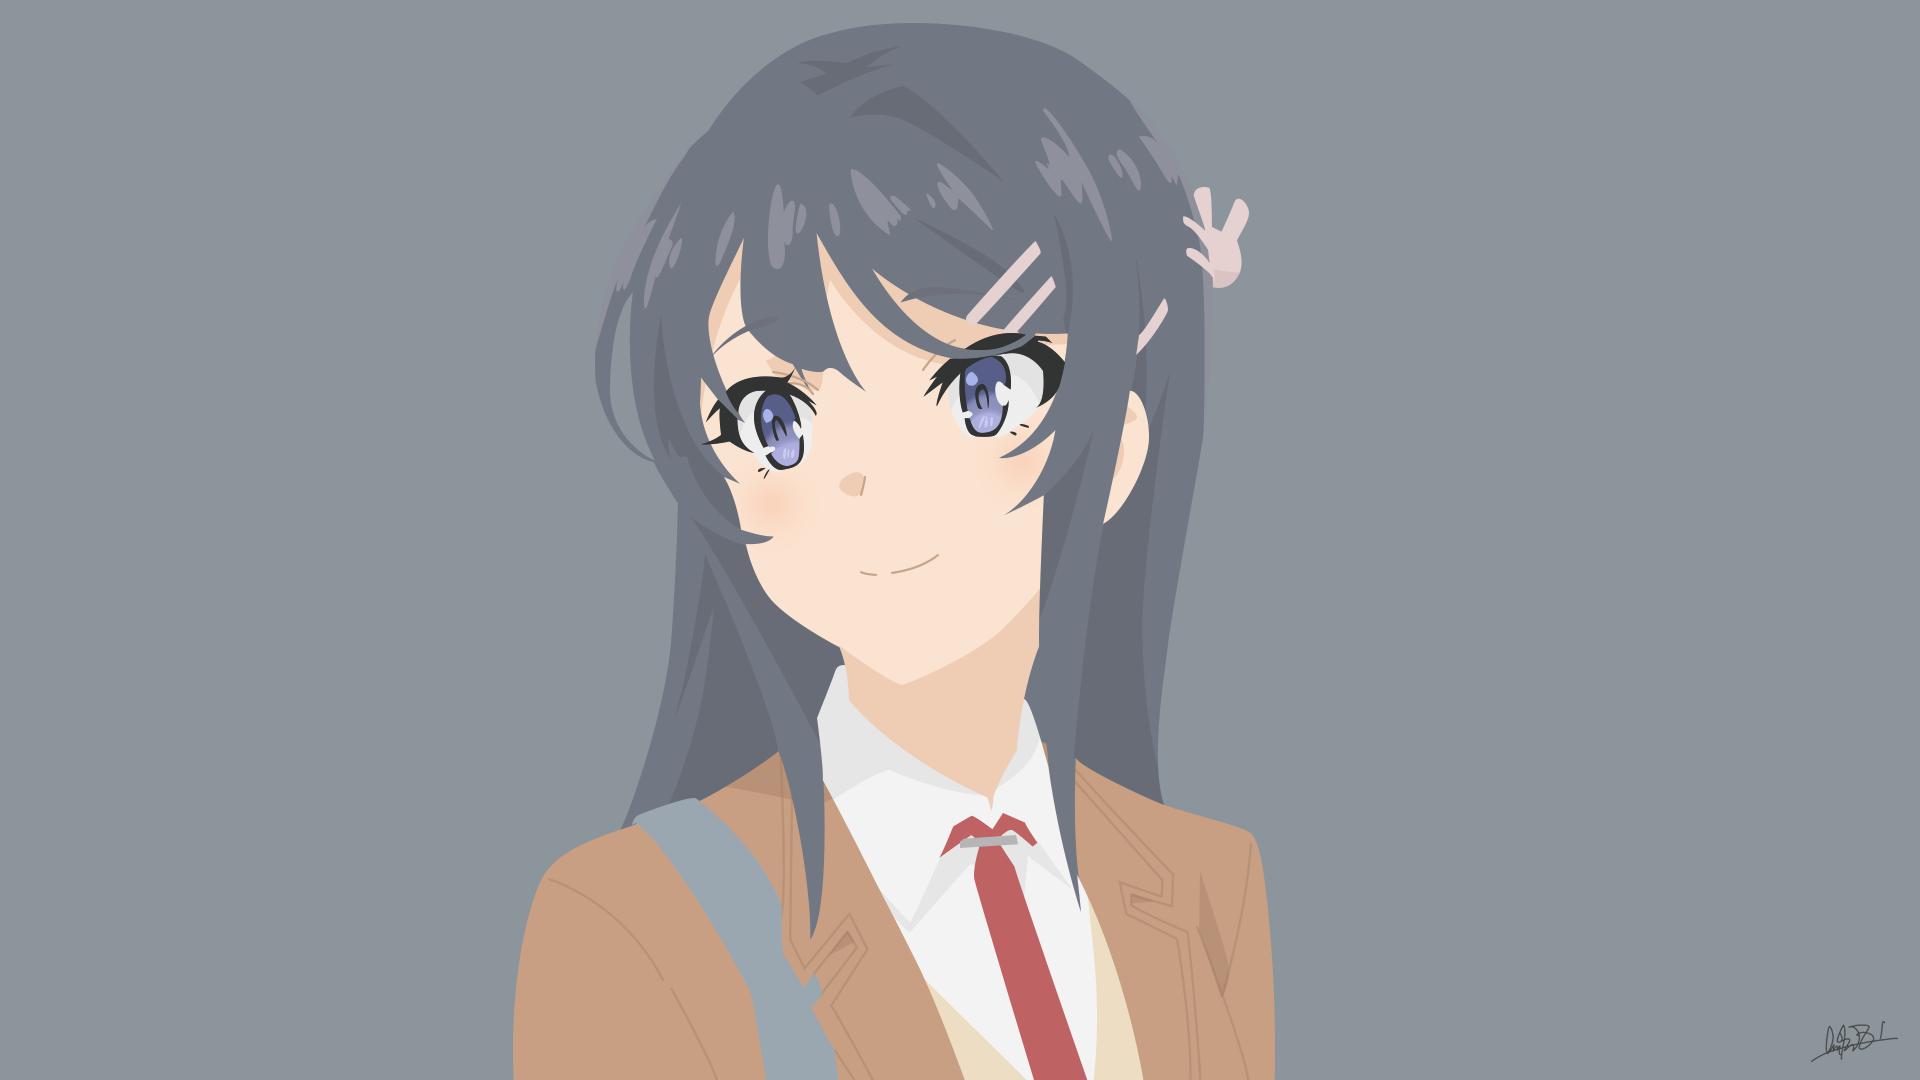 Mai Sakurajima Wallpaper Google Search Anime Art Girl Mai